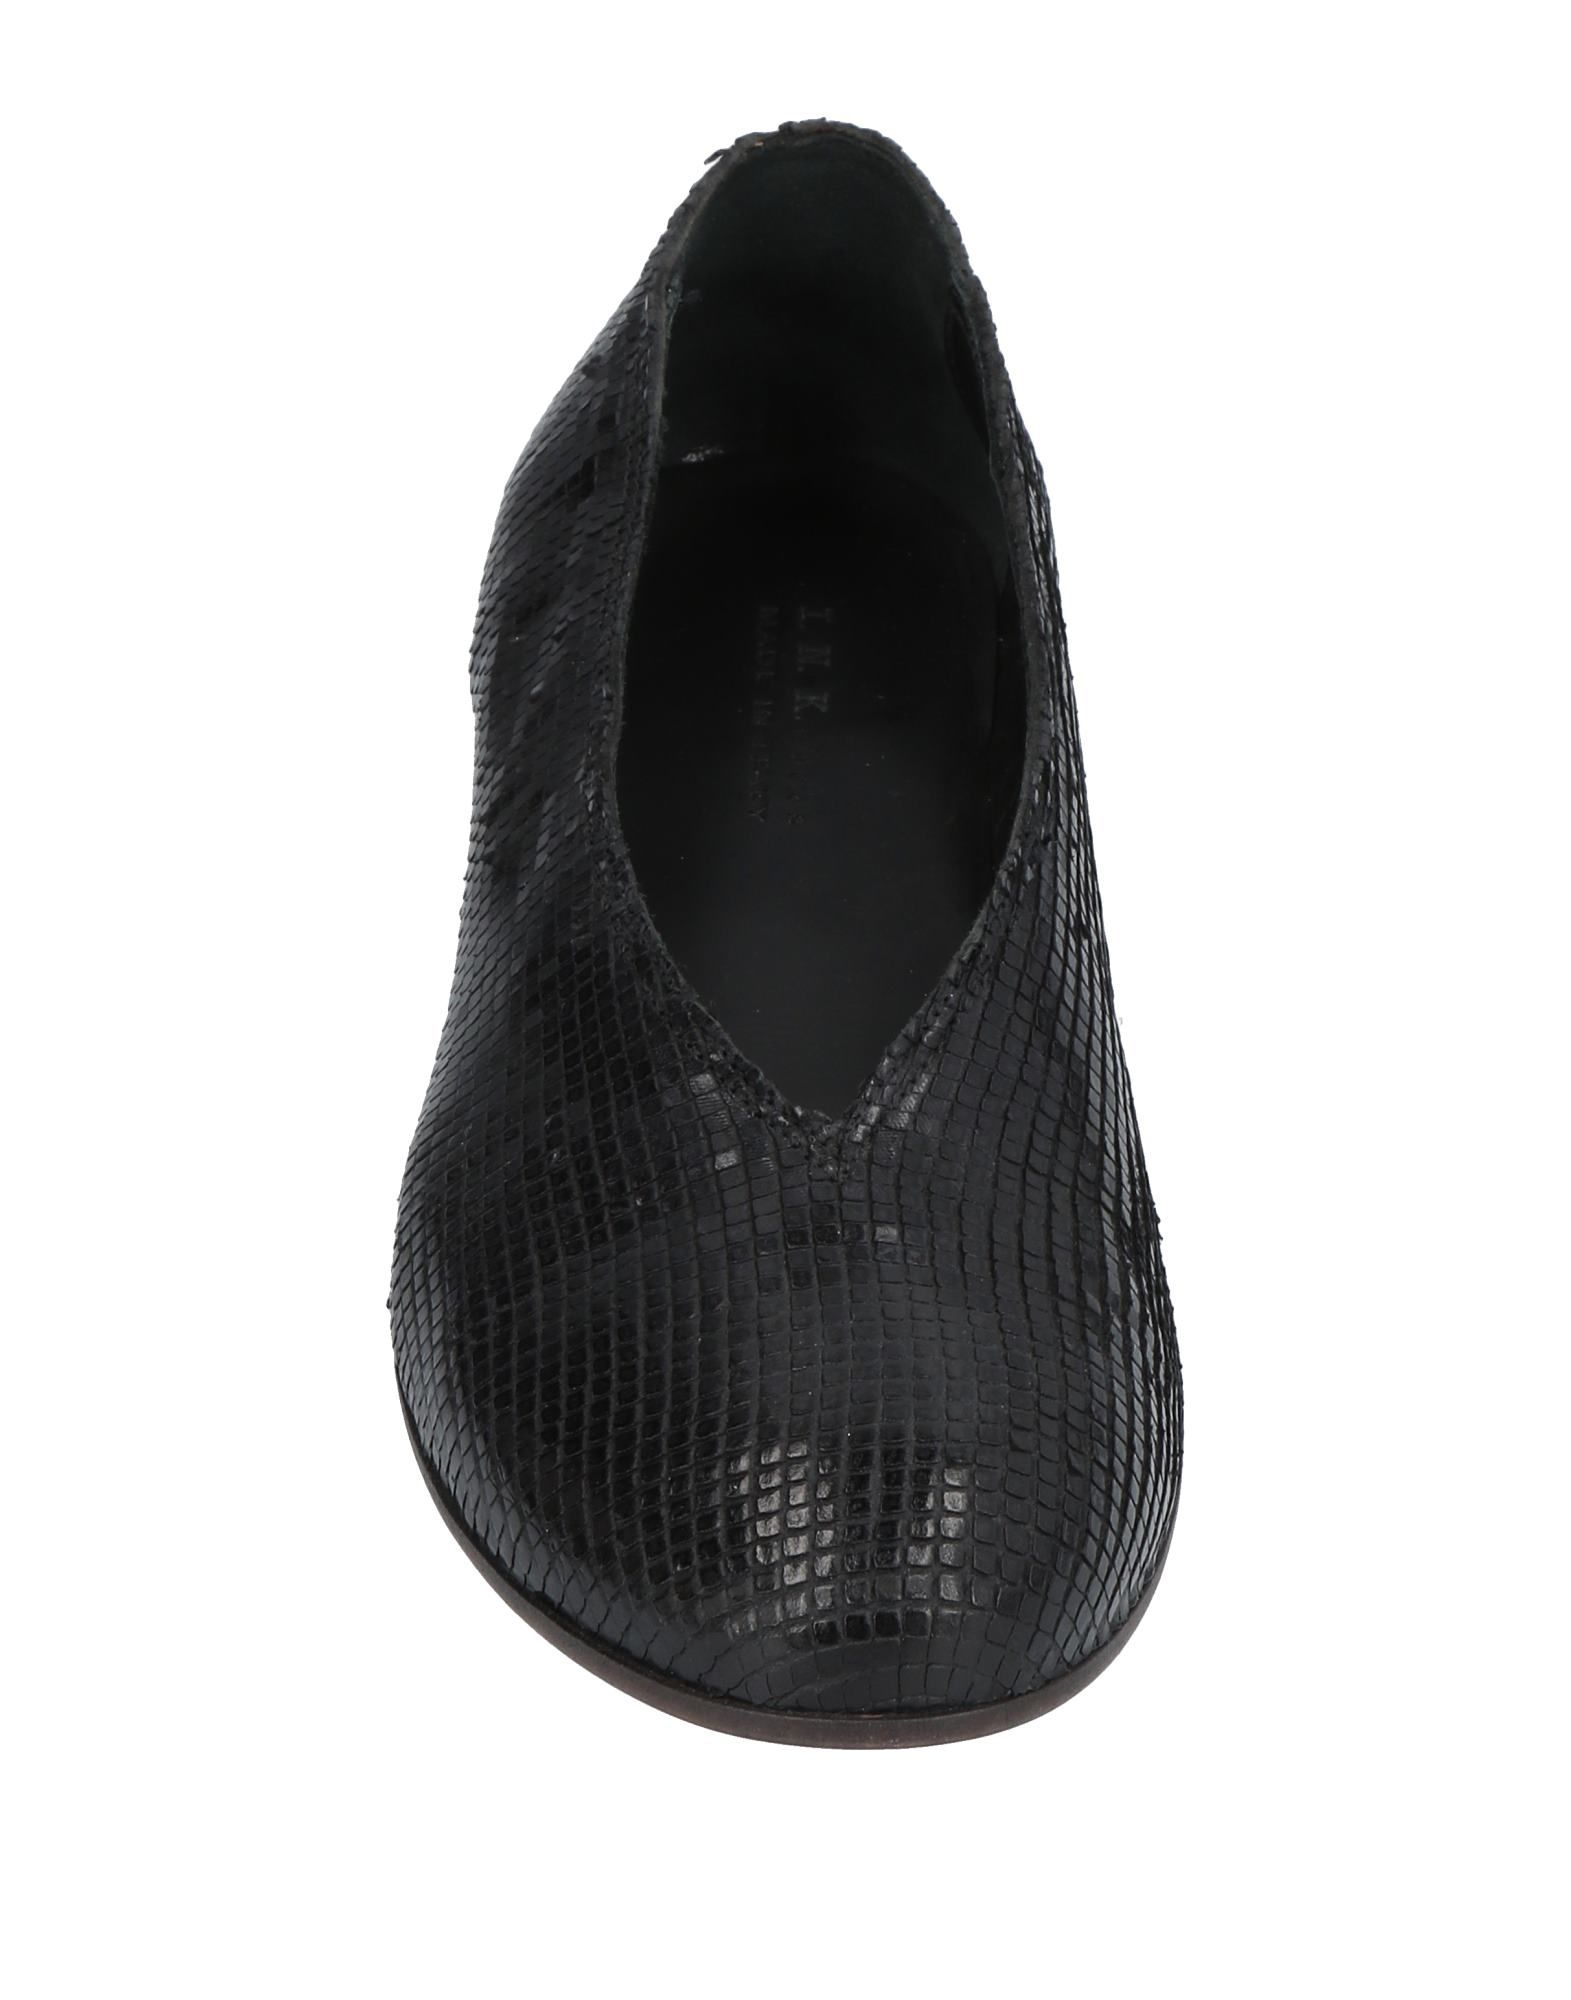 I.N.K. Shoes Ballerinas Damen  11398431TT Gute Qualität beliebte Schuhe